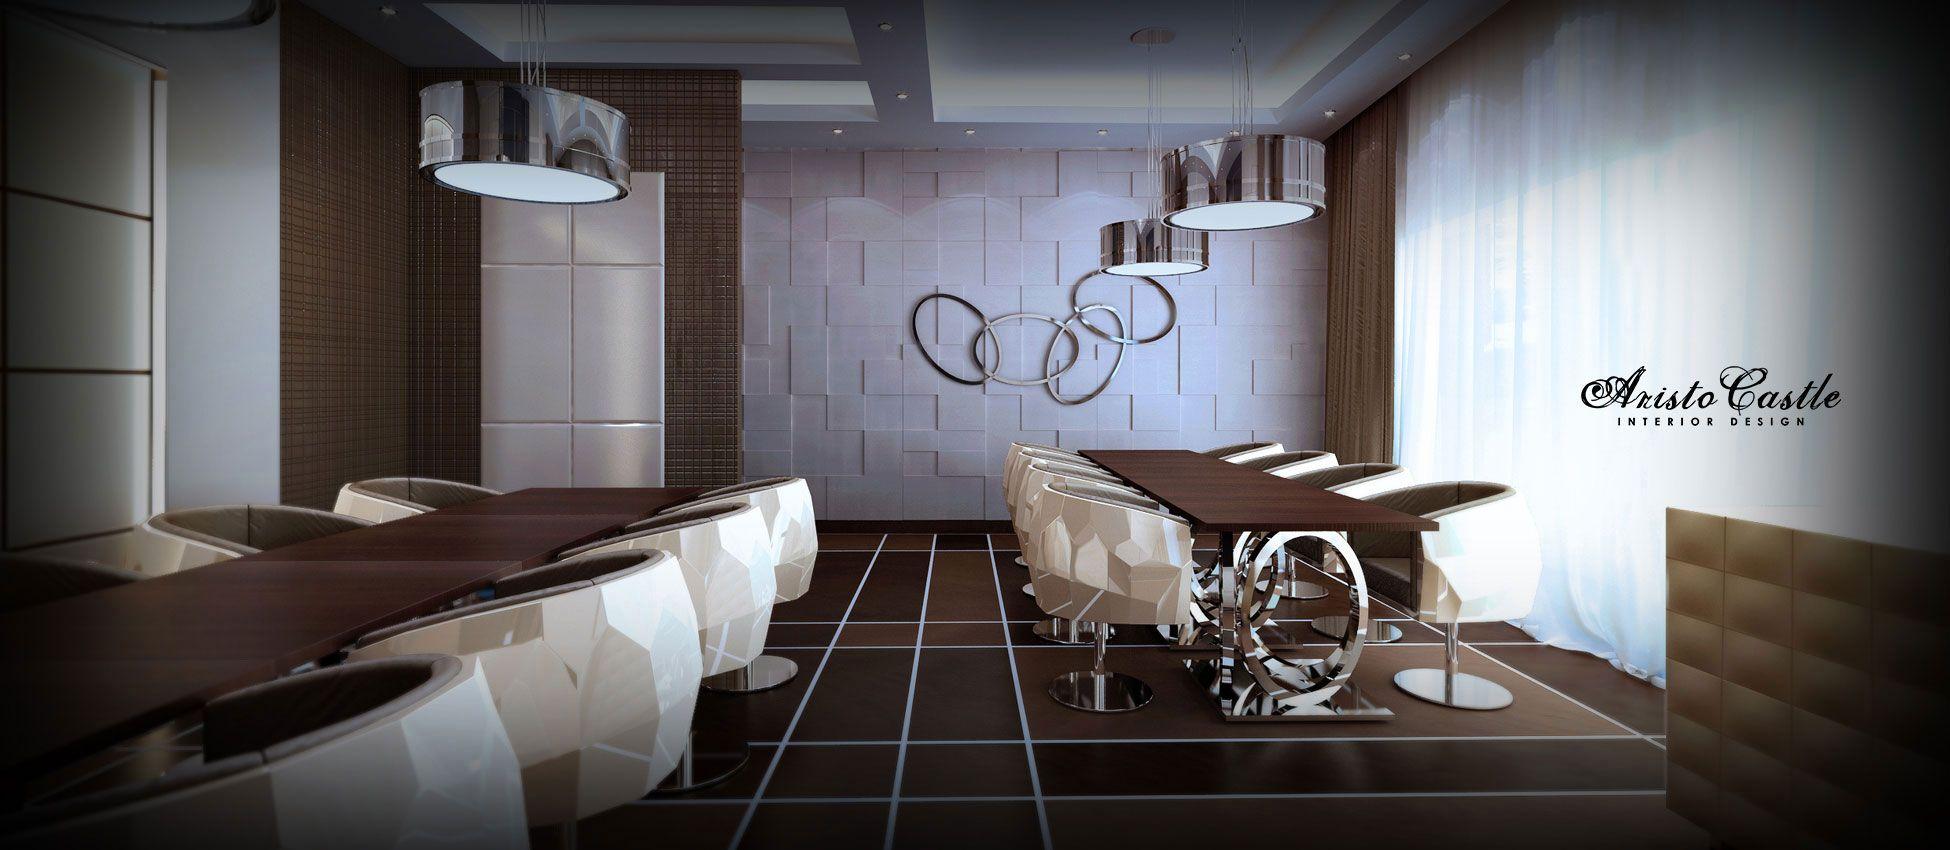 Castle Interior Design Set interior design companies in dubai. modern interior design